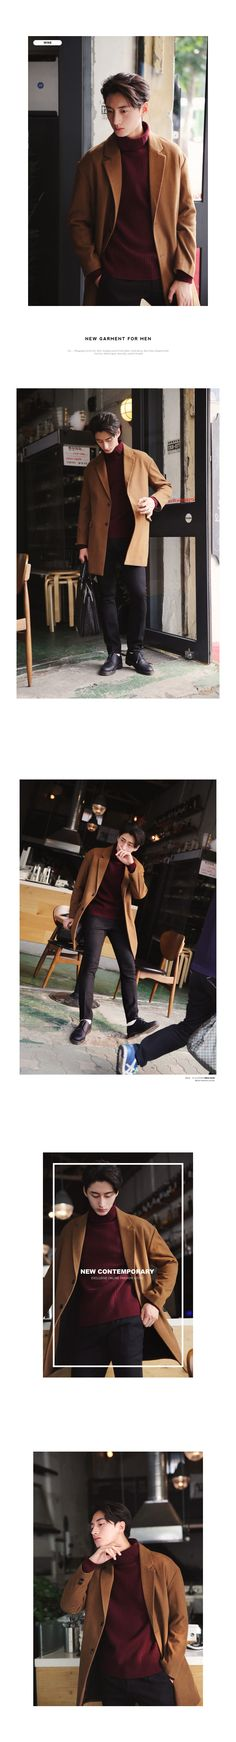 ショルダー切り替えミラノリブニットタートルネックセーター・全4色ニット・セーターニット・セーター|レディースファッション通販 DHOLICディーホリック [ファストファッション 水着 ワンピース]